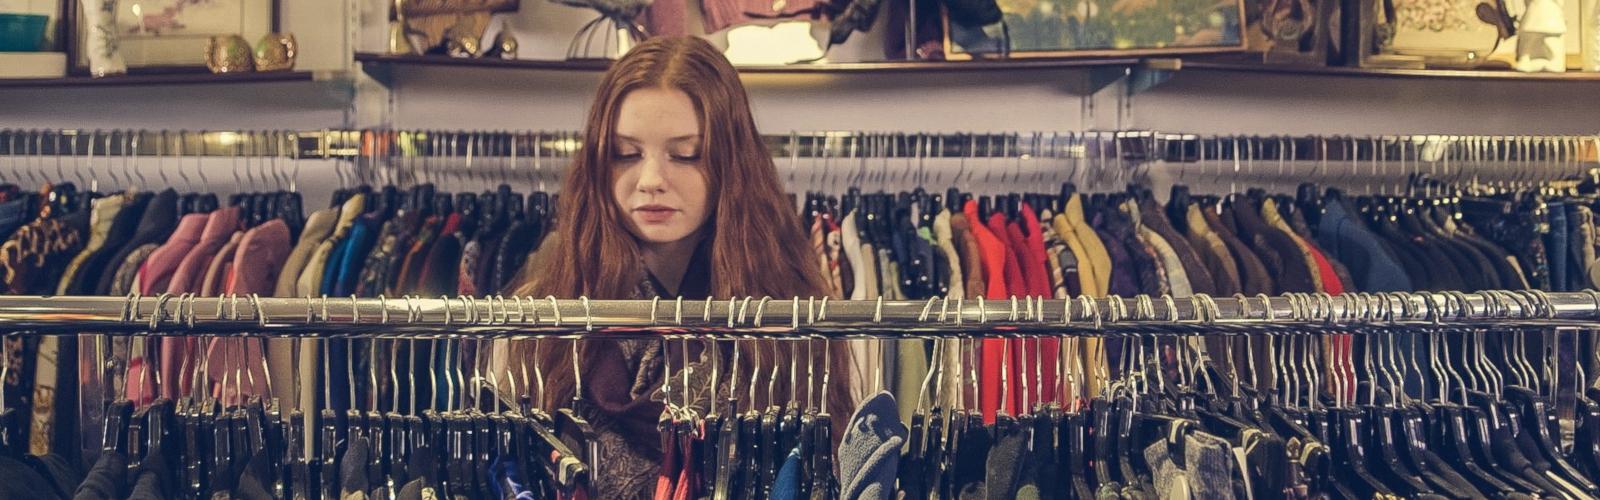 mobinaute convertie en cliente physique choisissant des vêtements